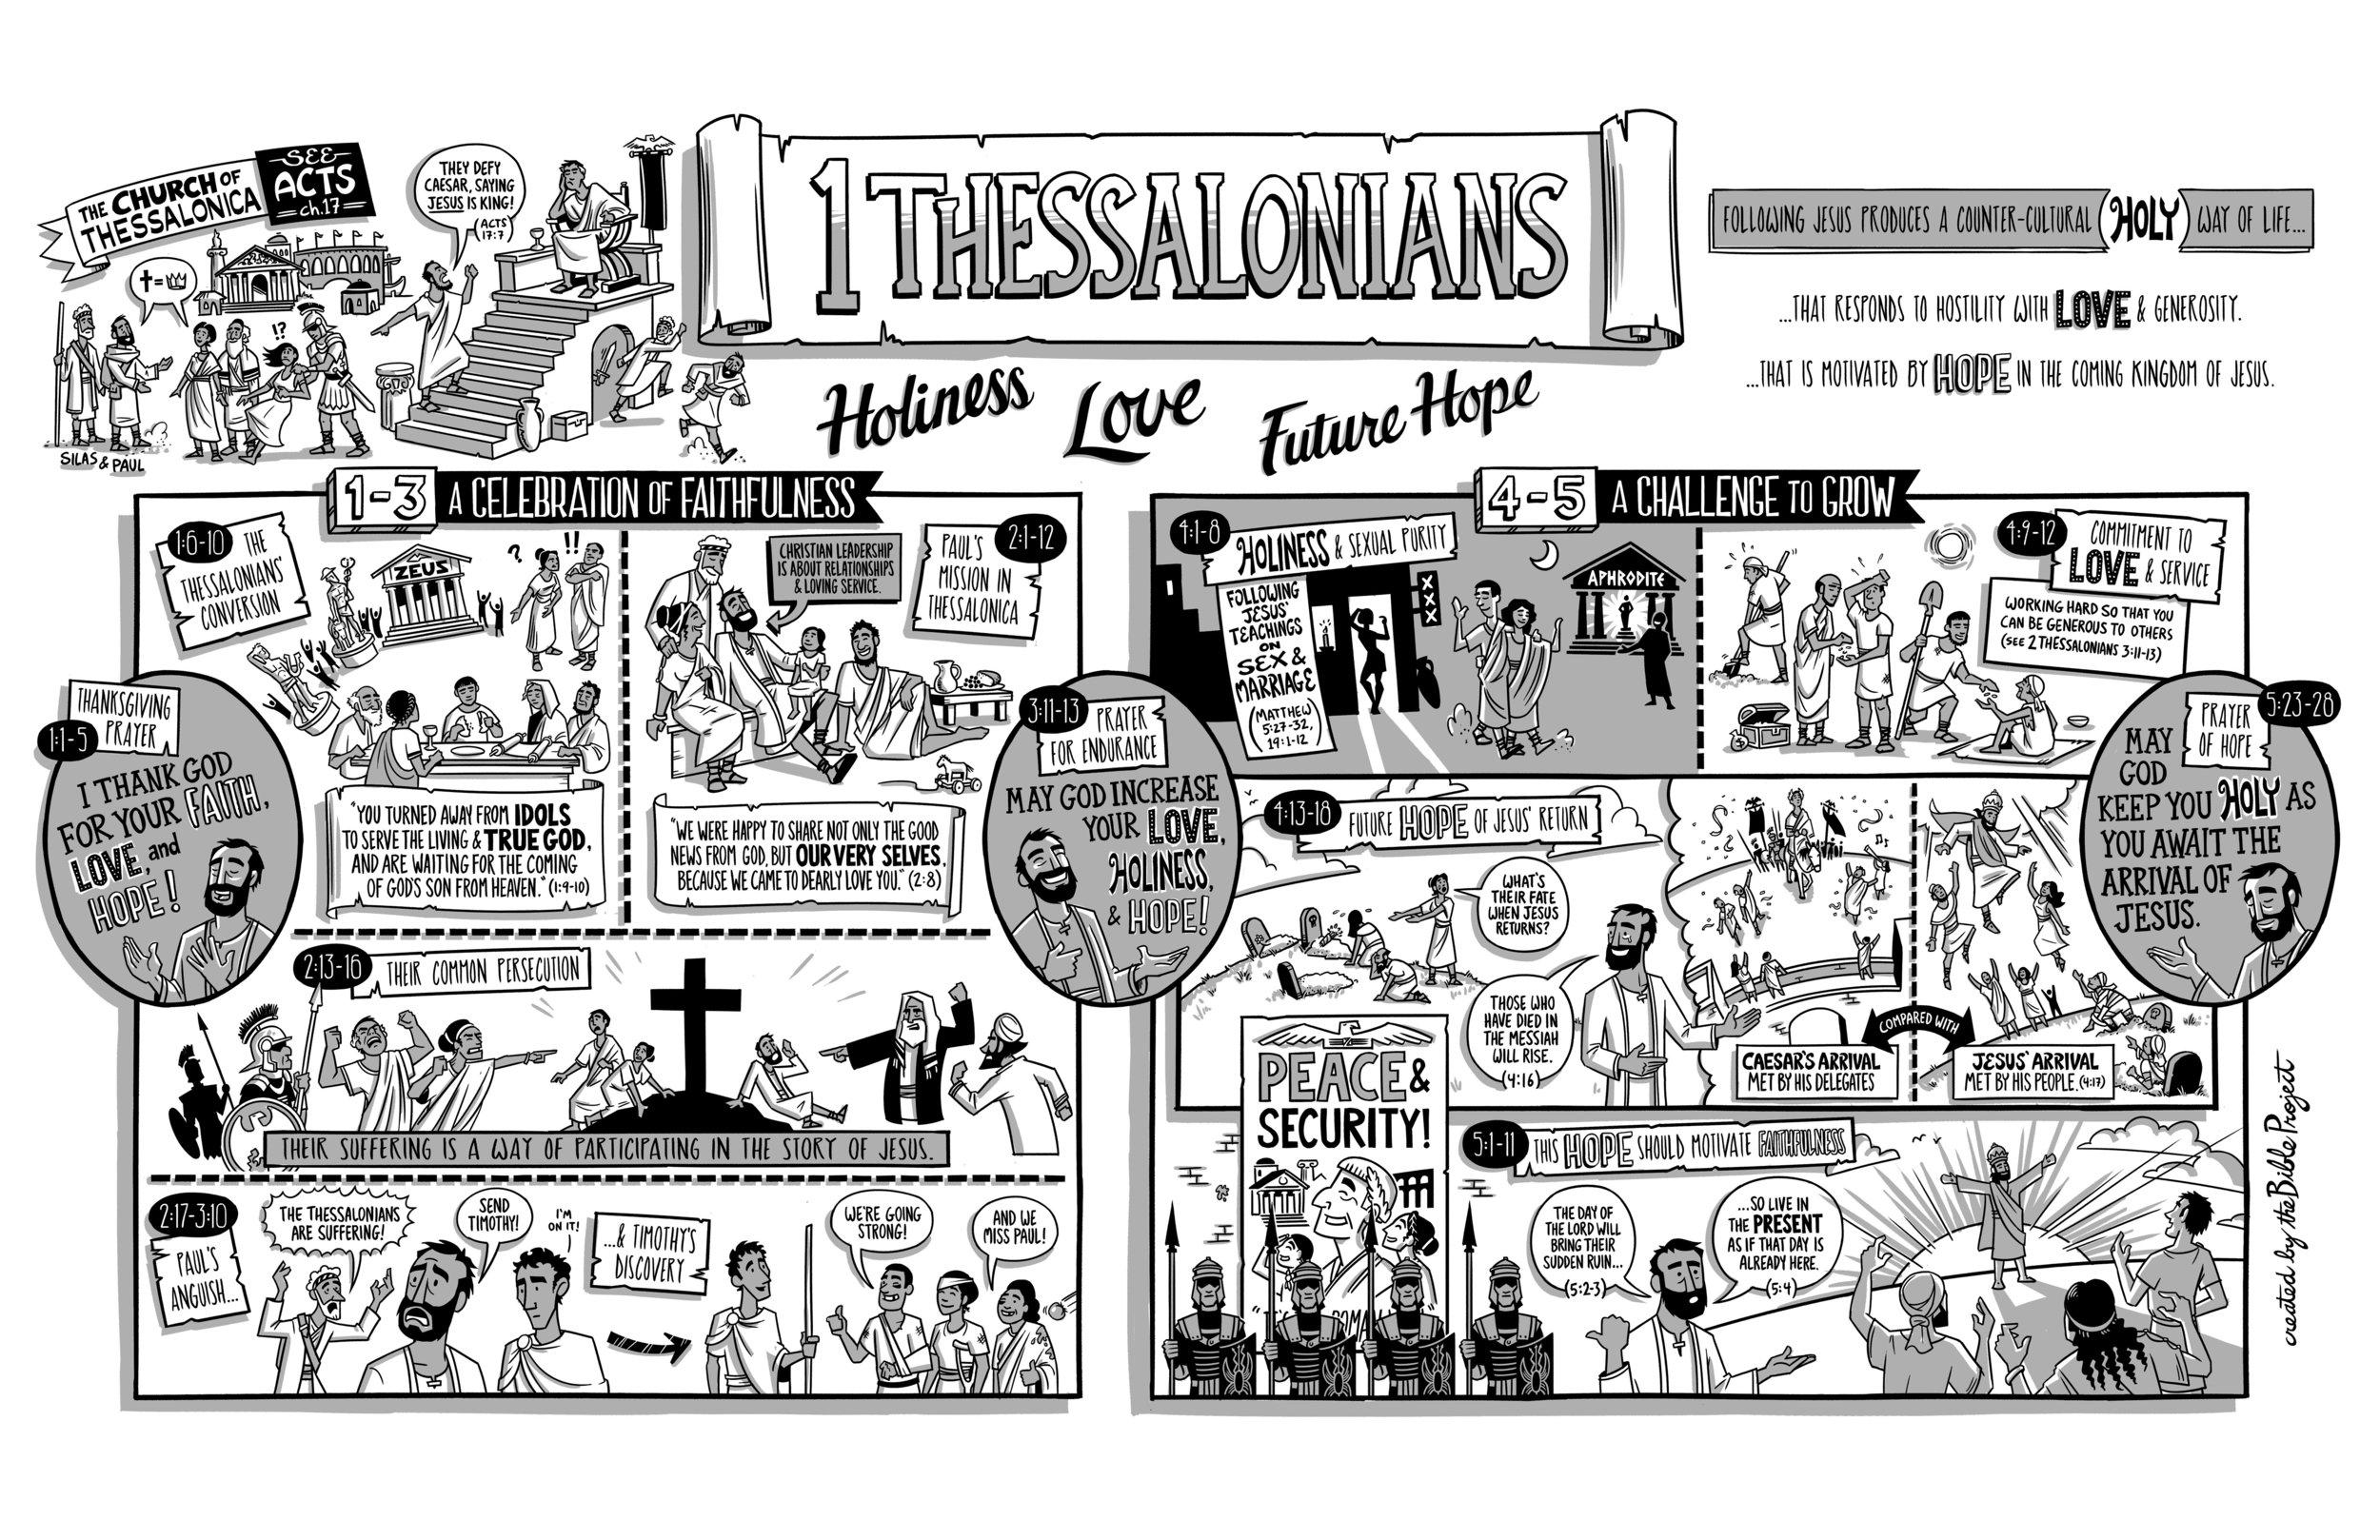 59a-1-Thessalonians-FNL.jpg